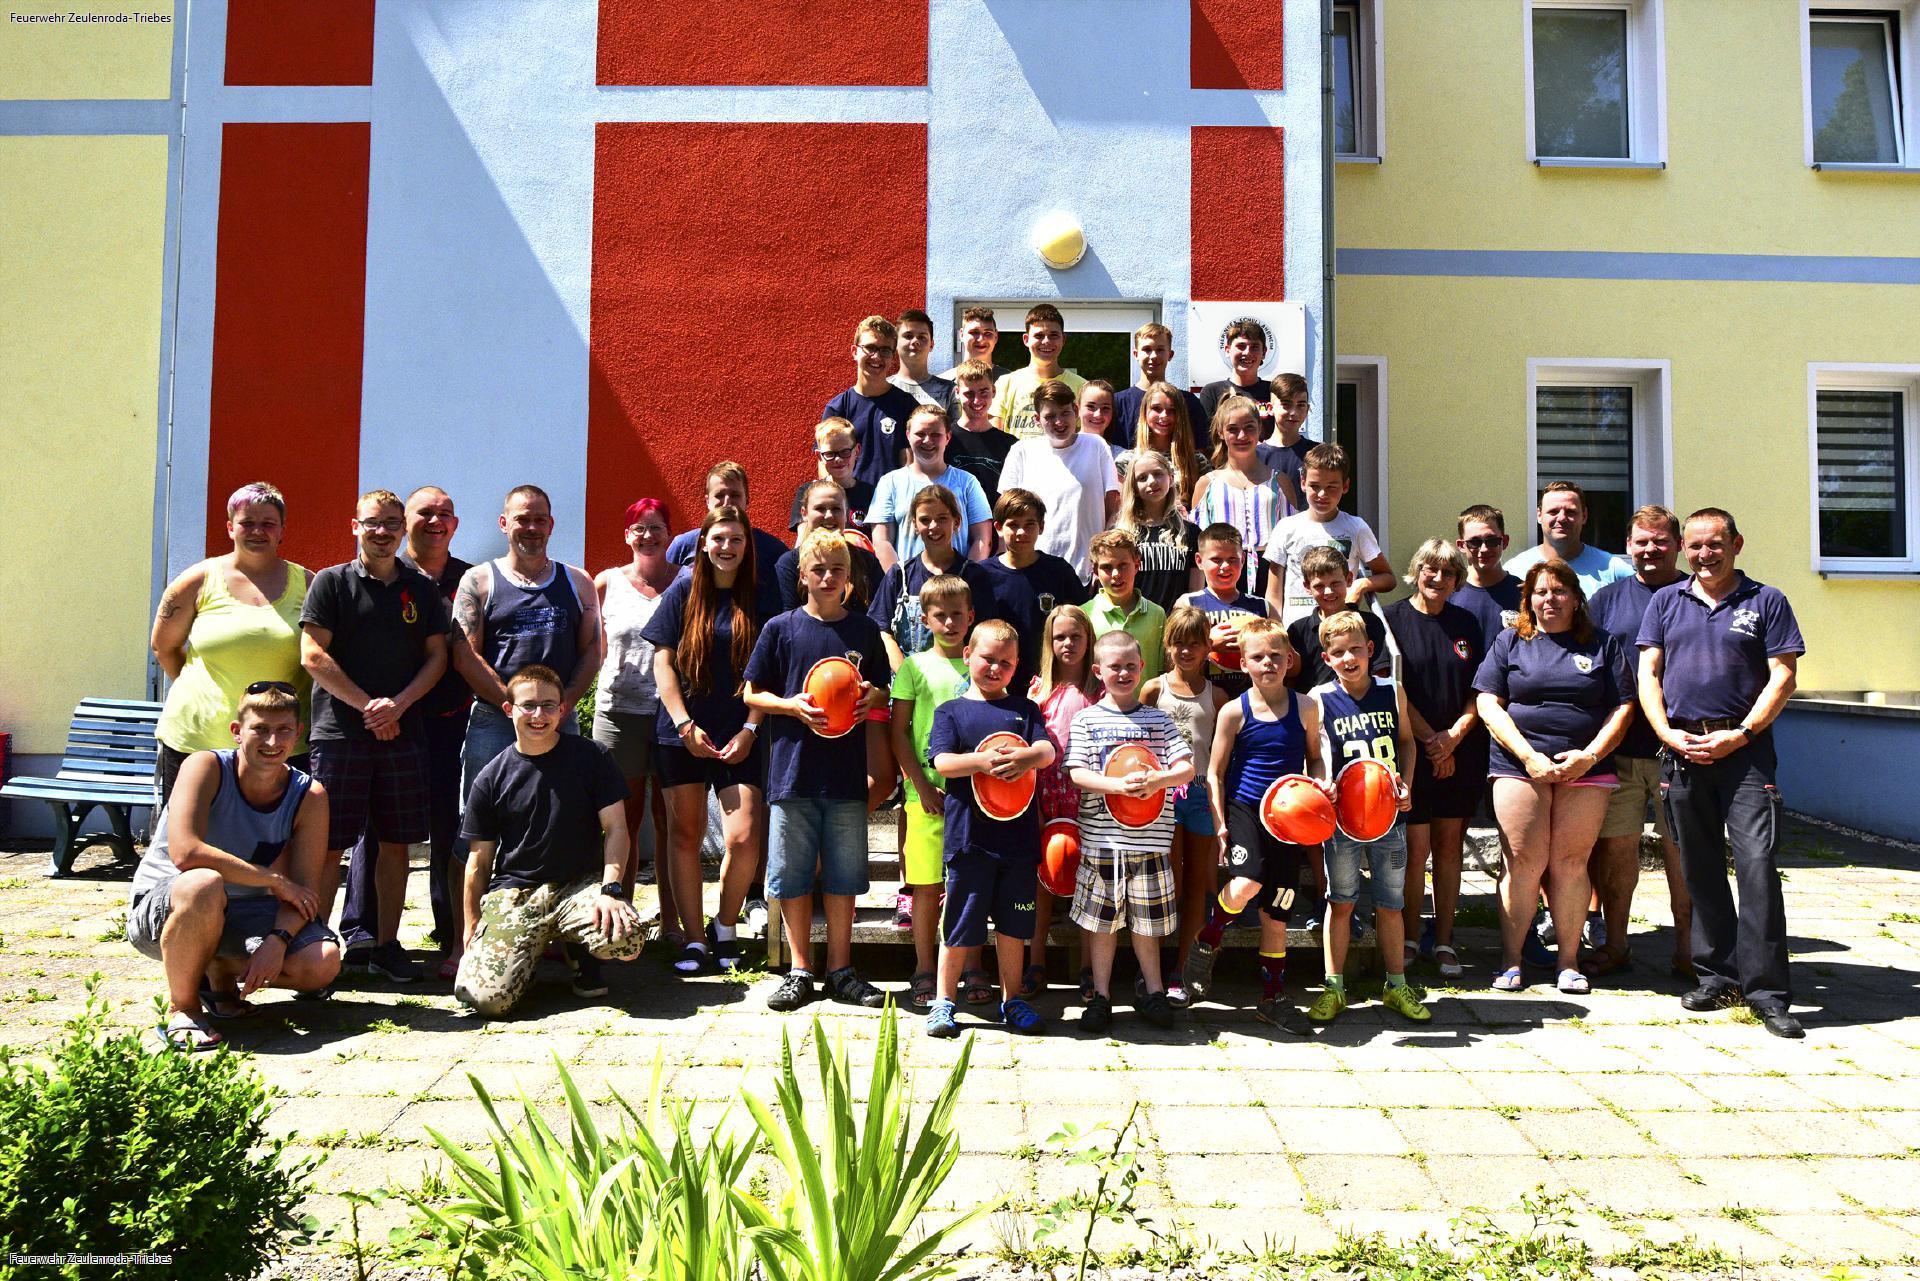 junge Helden im Jugendferienlager Zeulenroda